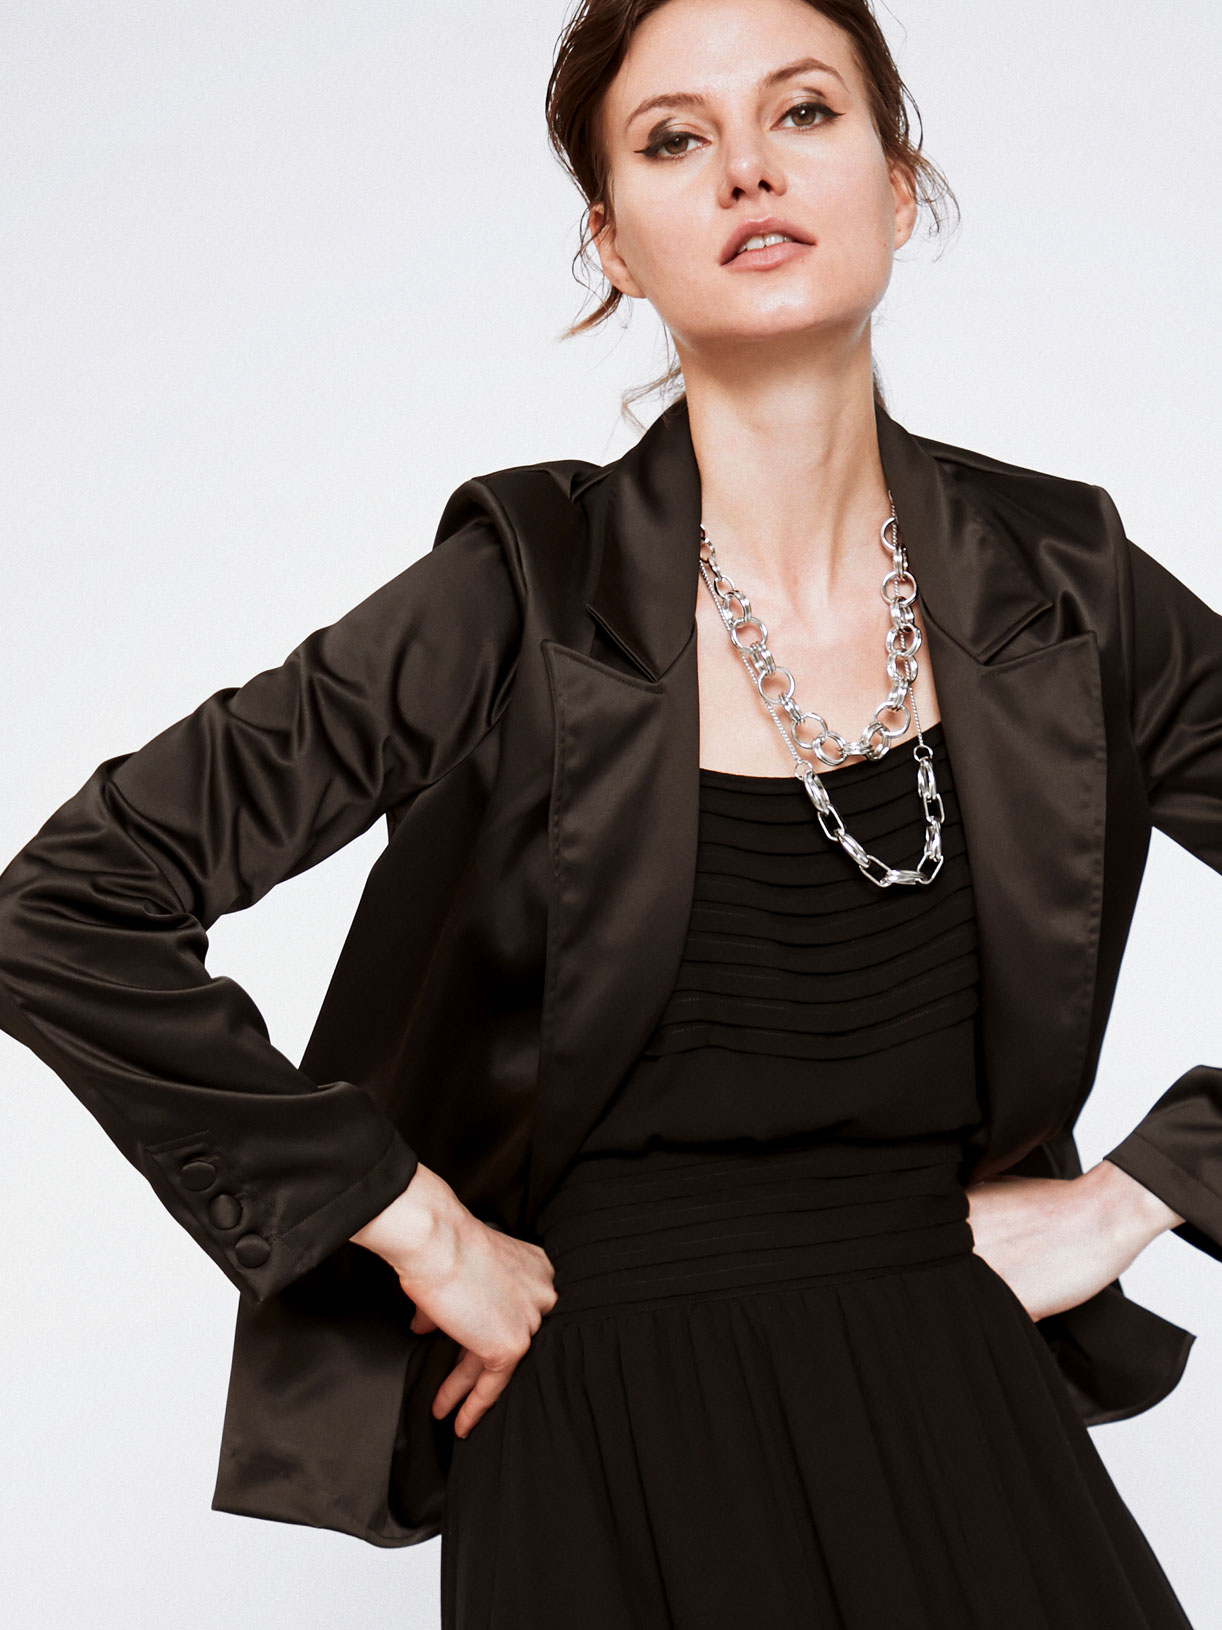 Veste de tailleur femme en satin pour soiree écoresponsable - Creatrice de mode éthique et bio a Paris - Myphilosophy